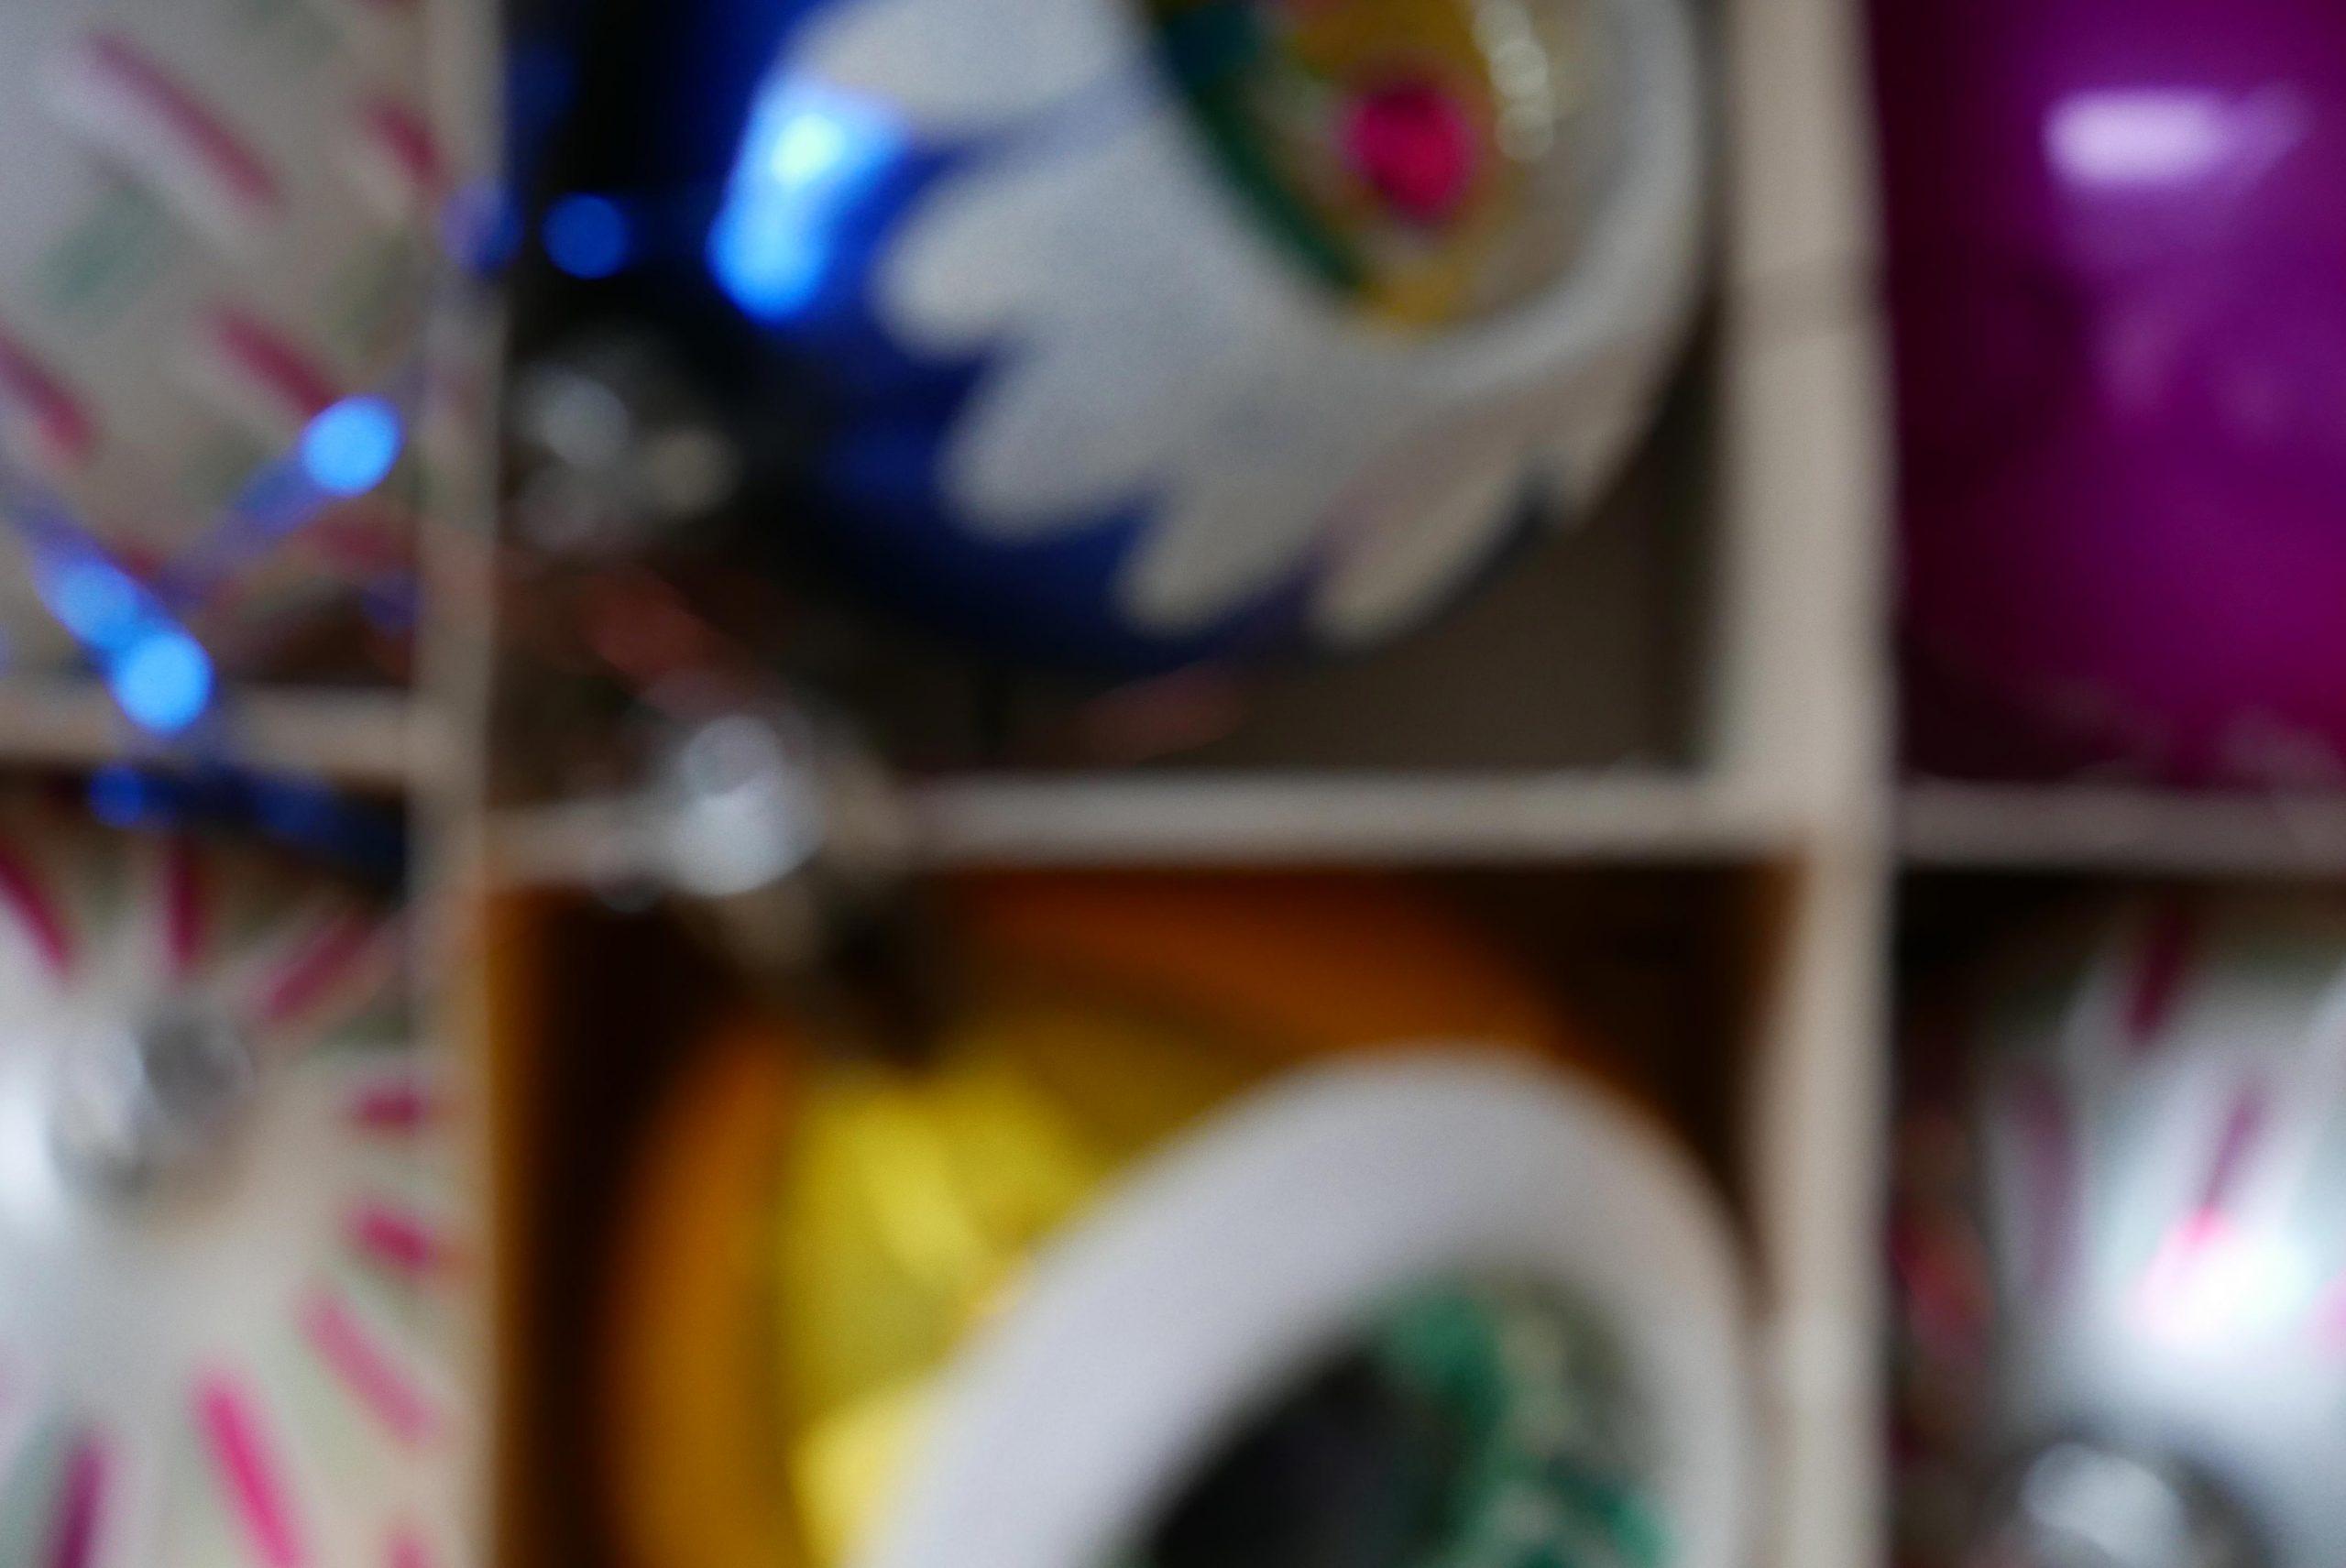 Weihnachtsstimmung unscharfe Weihnachtskugeln im Karton